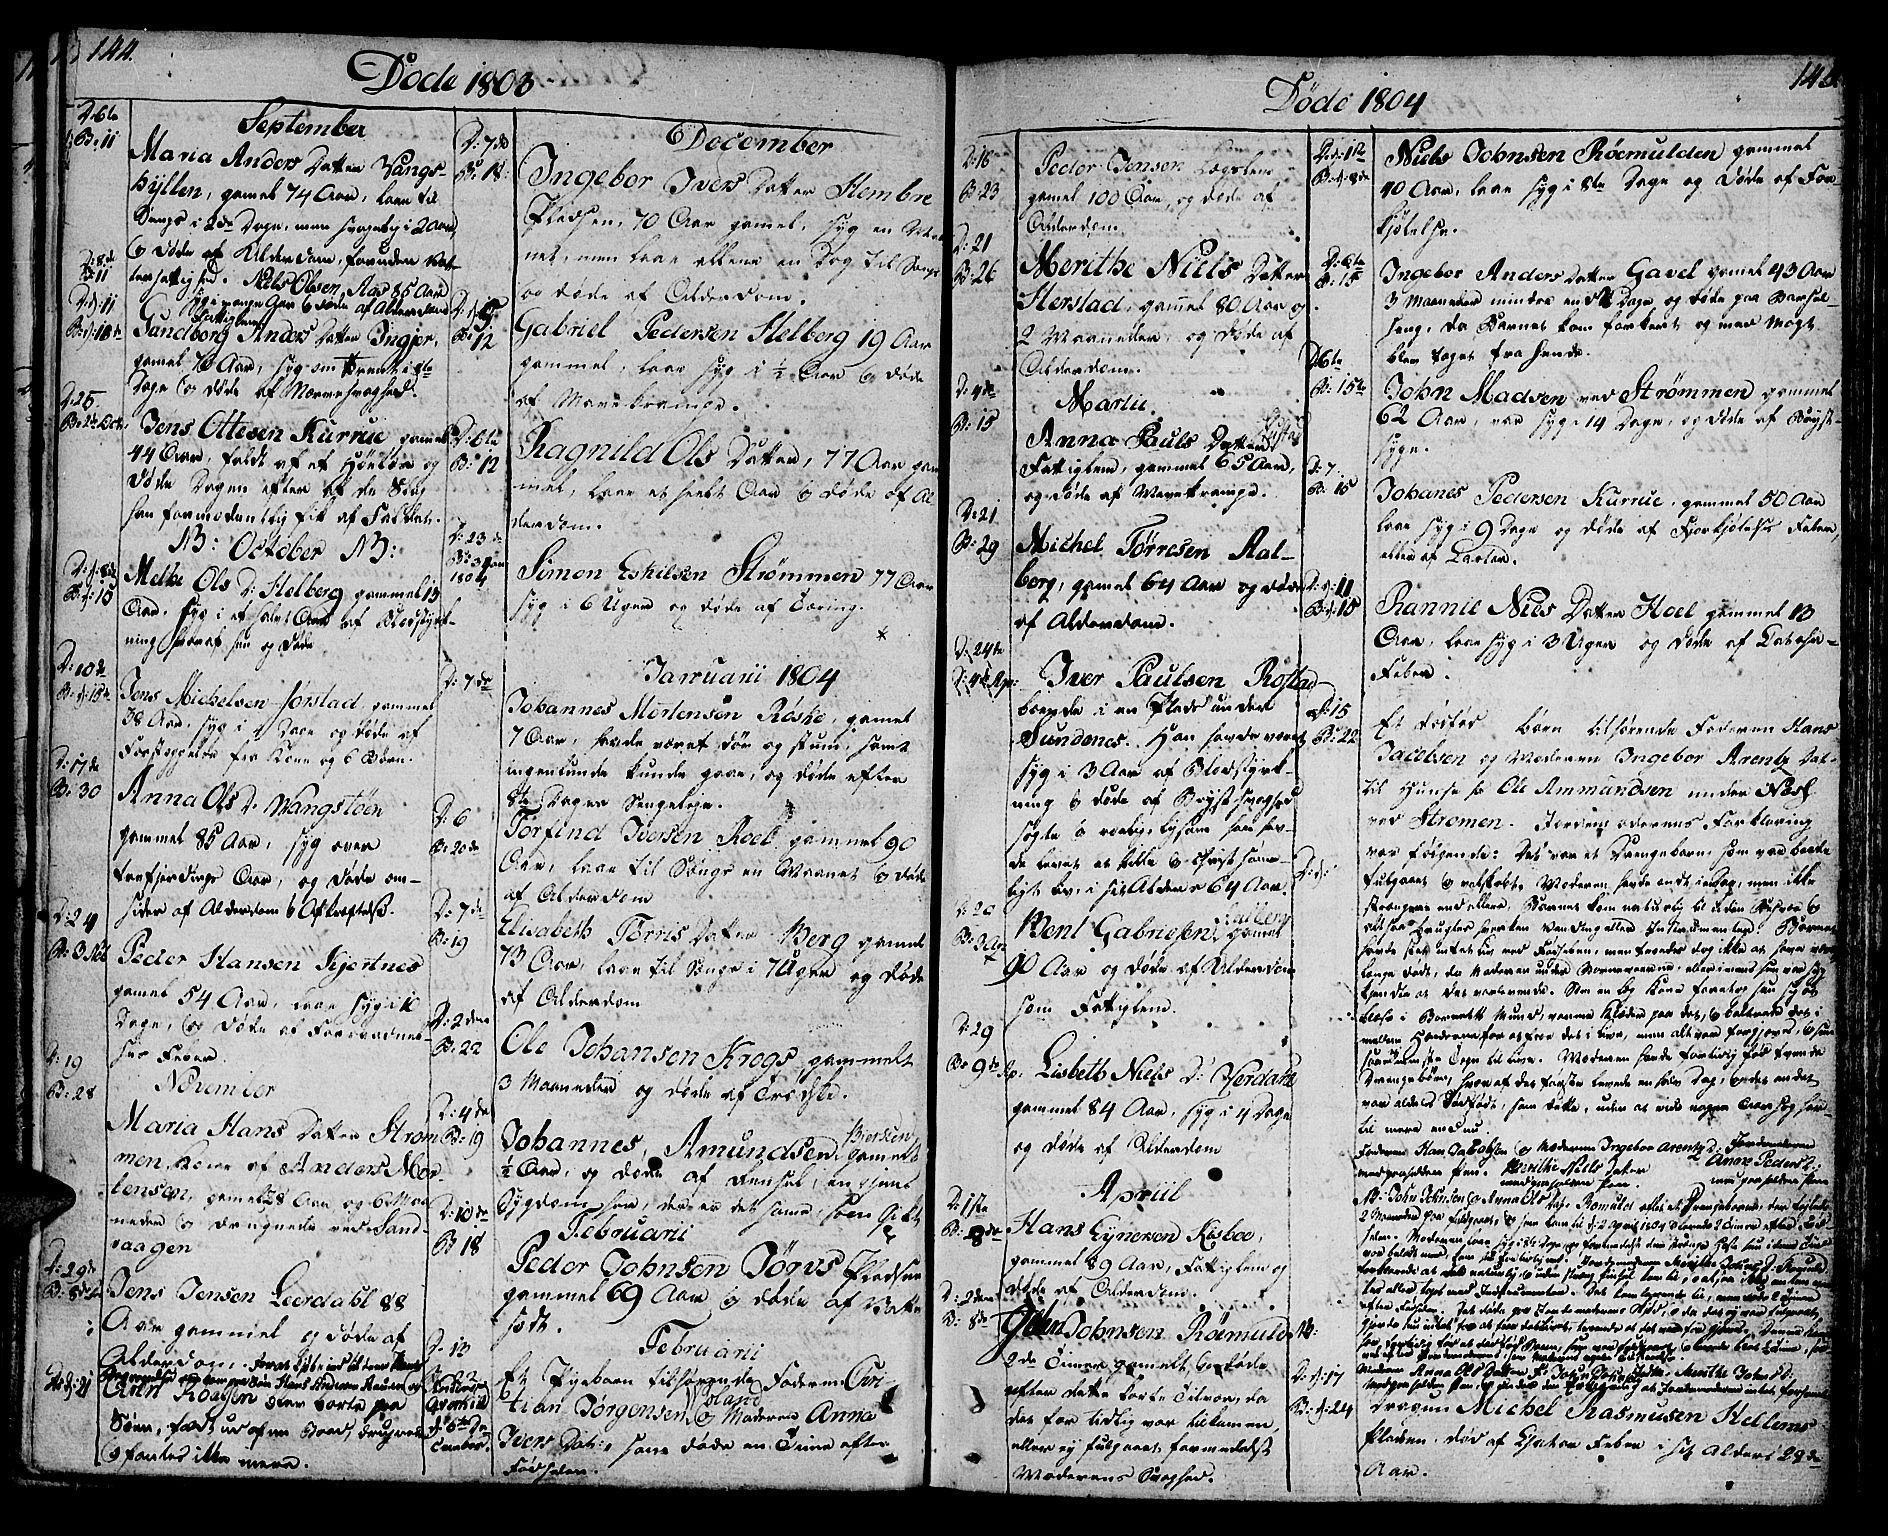 SAT, Ministerialprotokoller, klokkerbøker og fødselsregistre - Nord-Trøndelag, 730/L0274: Ministerialbok nr. 730A03, 1802-1816, s. 144-145